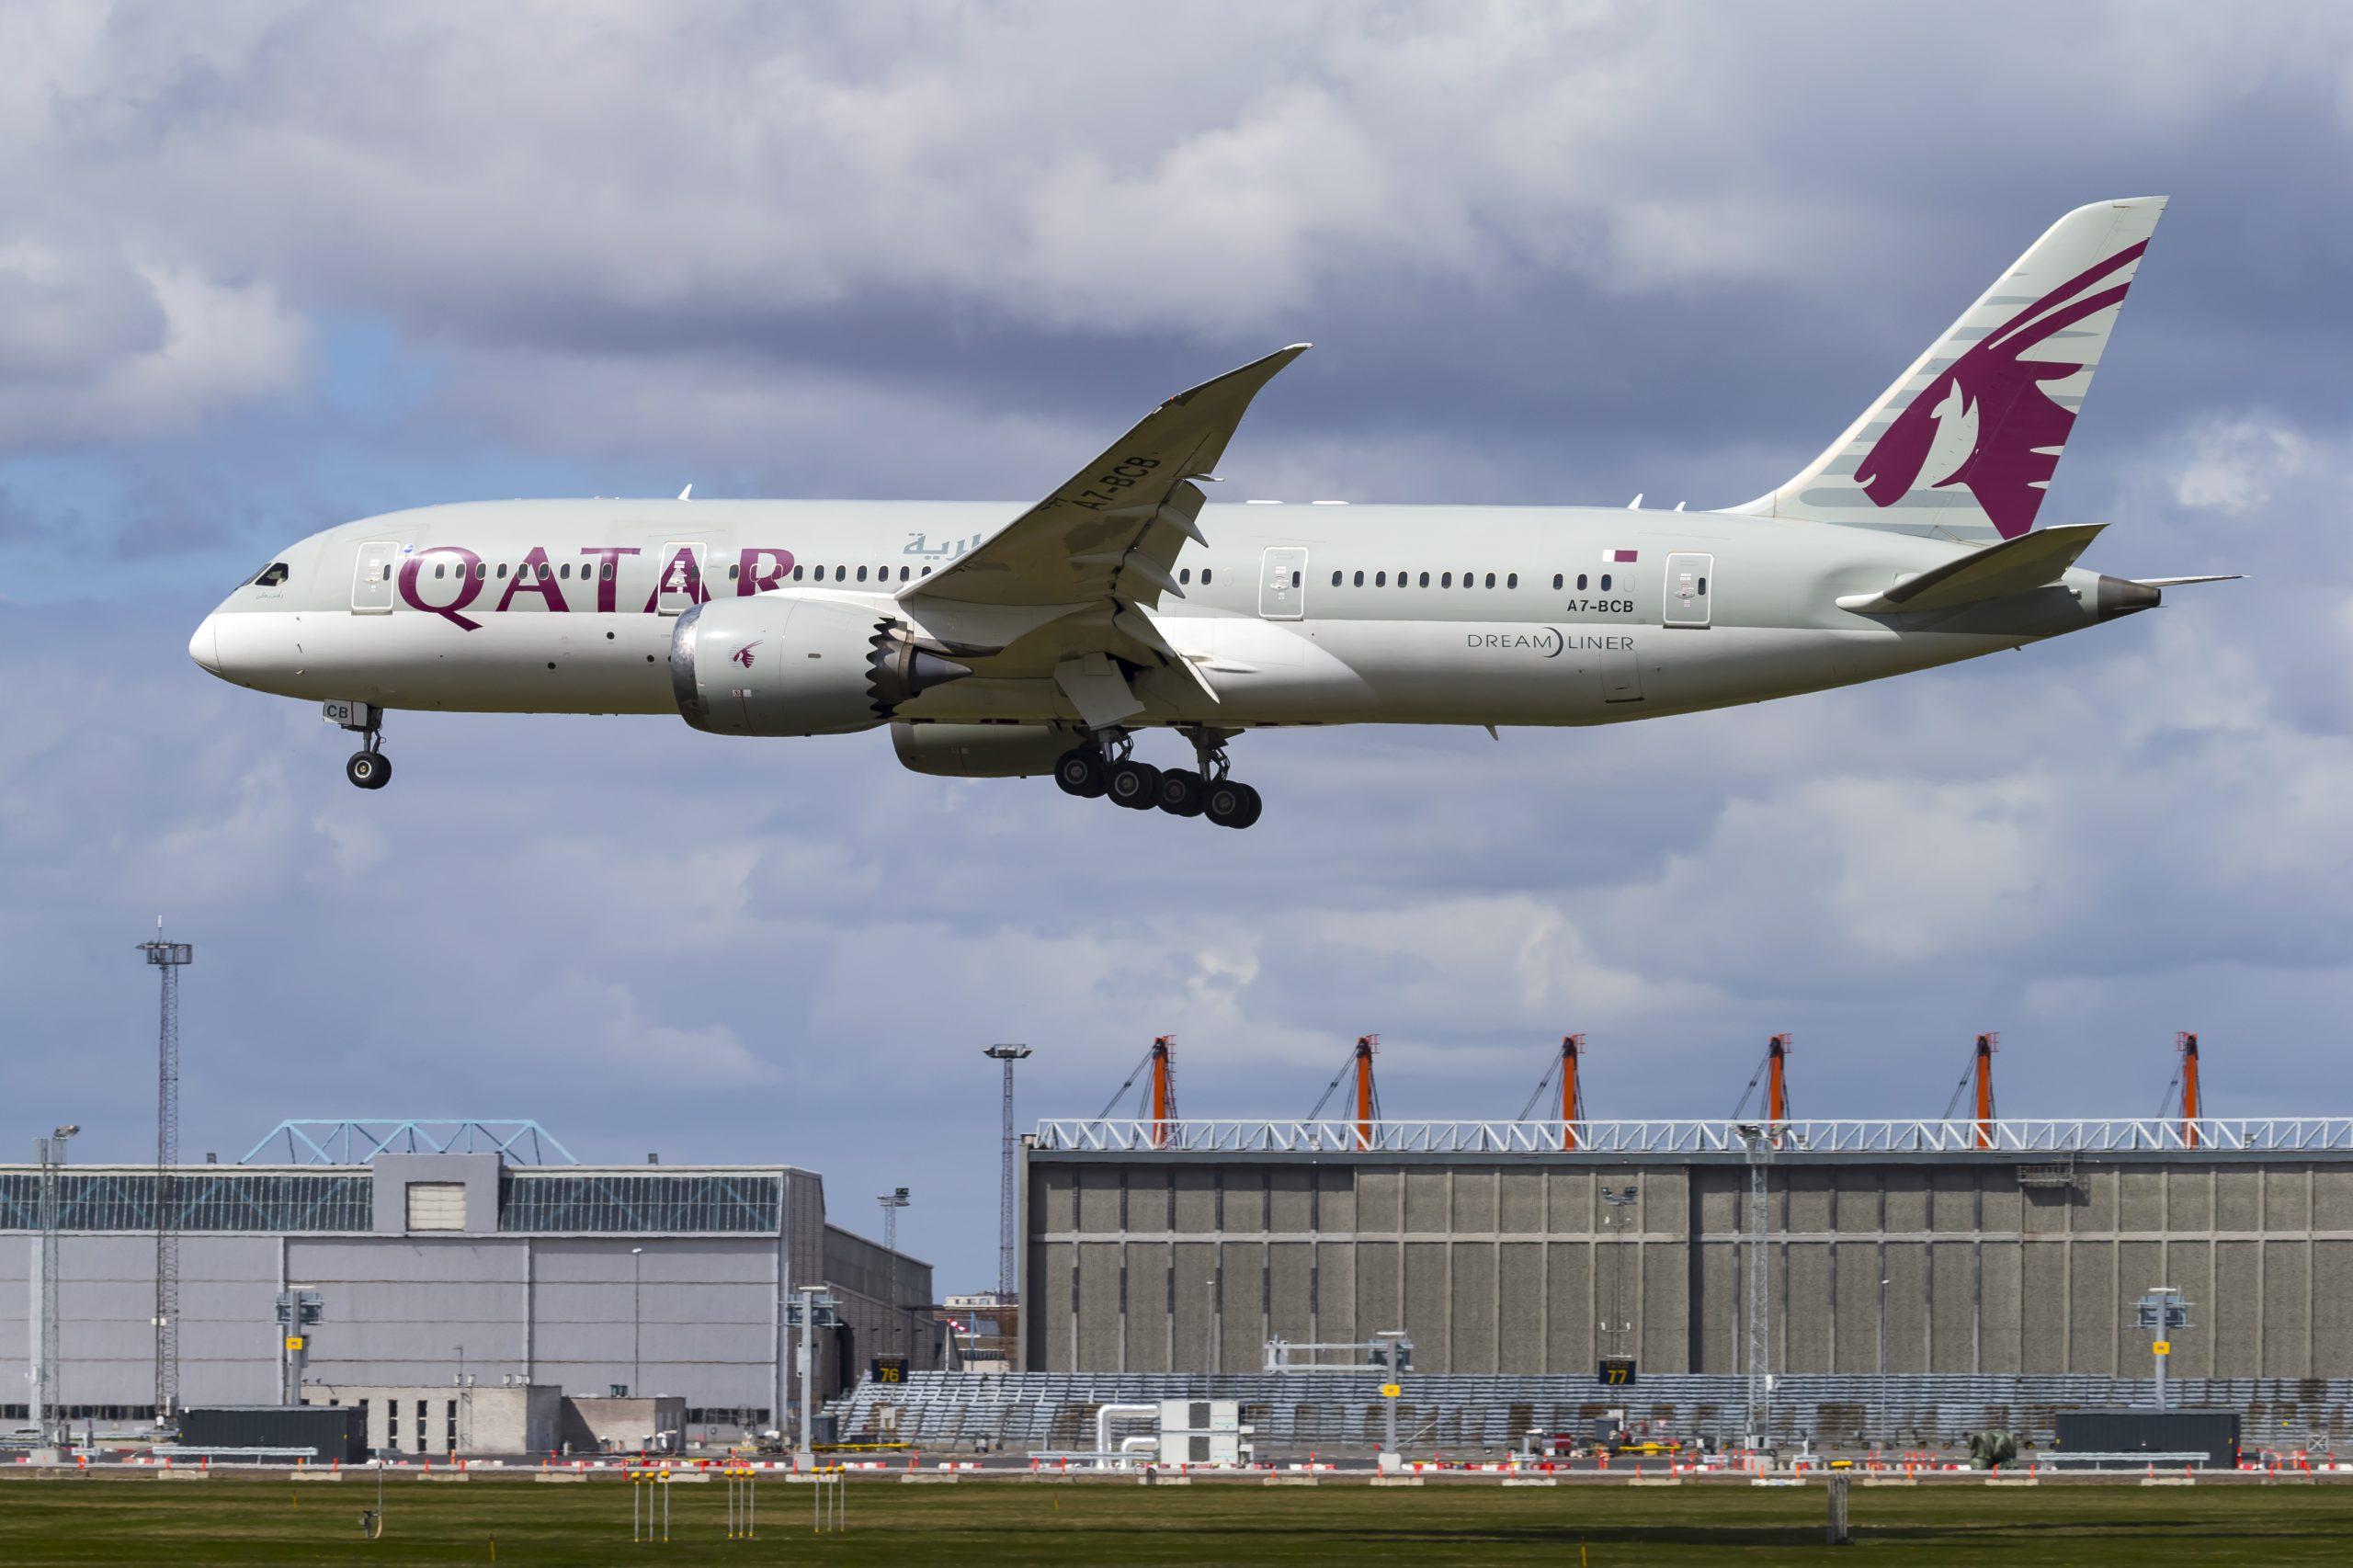 Boeing 787-8 Dreamliner fra Qatar Airways under landing i Københavns Lufthavn. (Foto: © Thorbjørn Brunander Sund | Danish Aviation Photo)